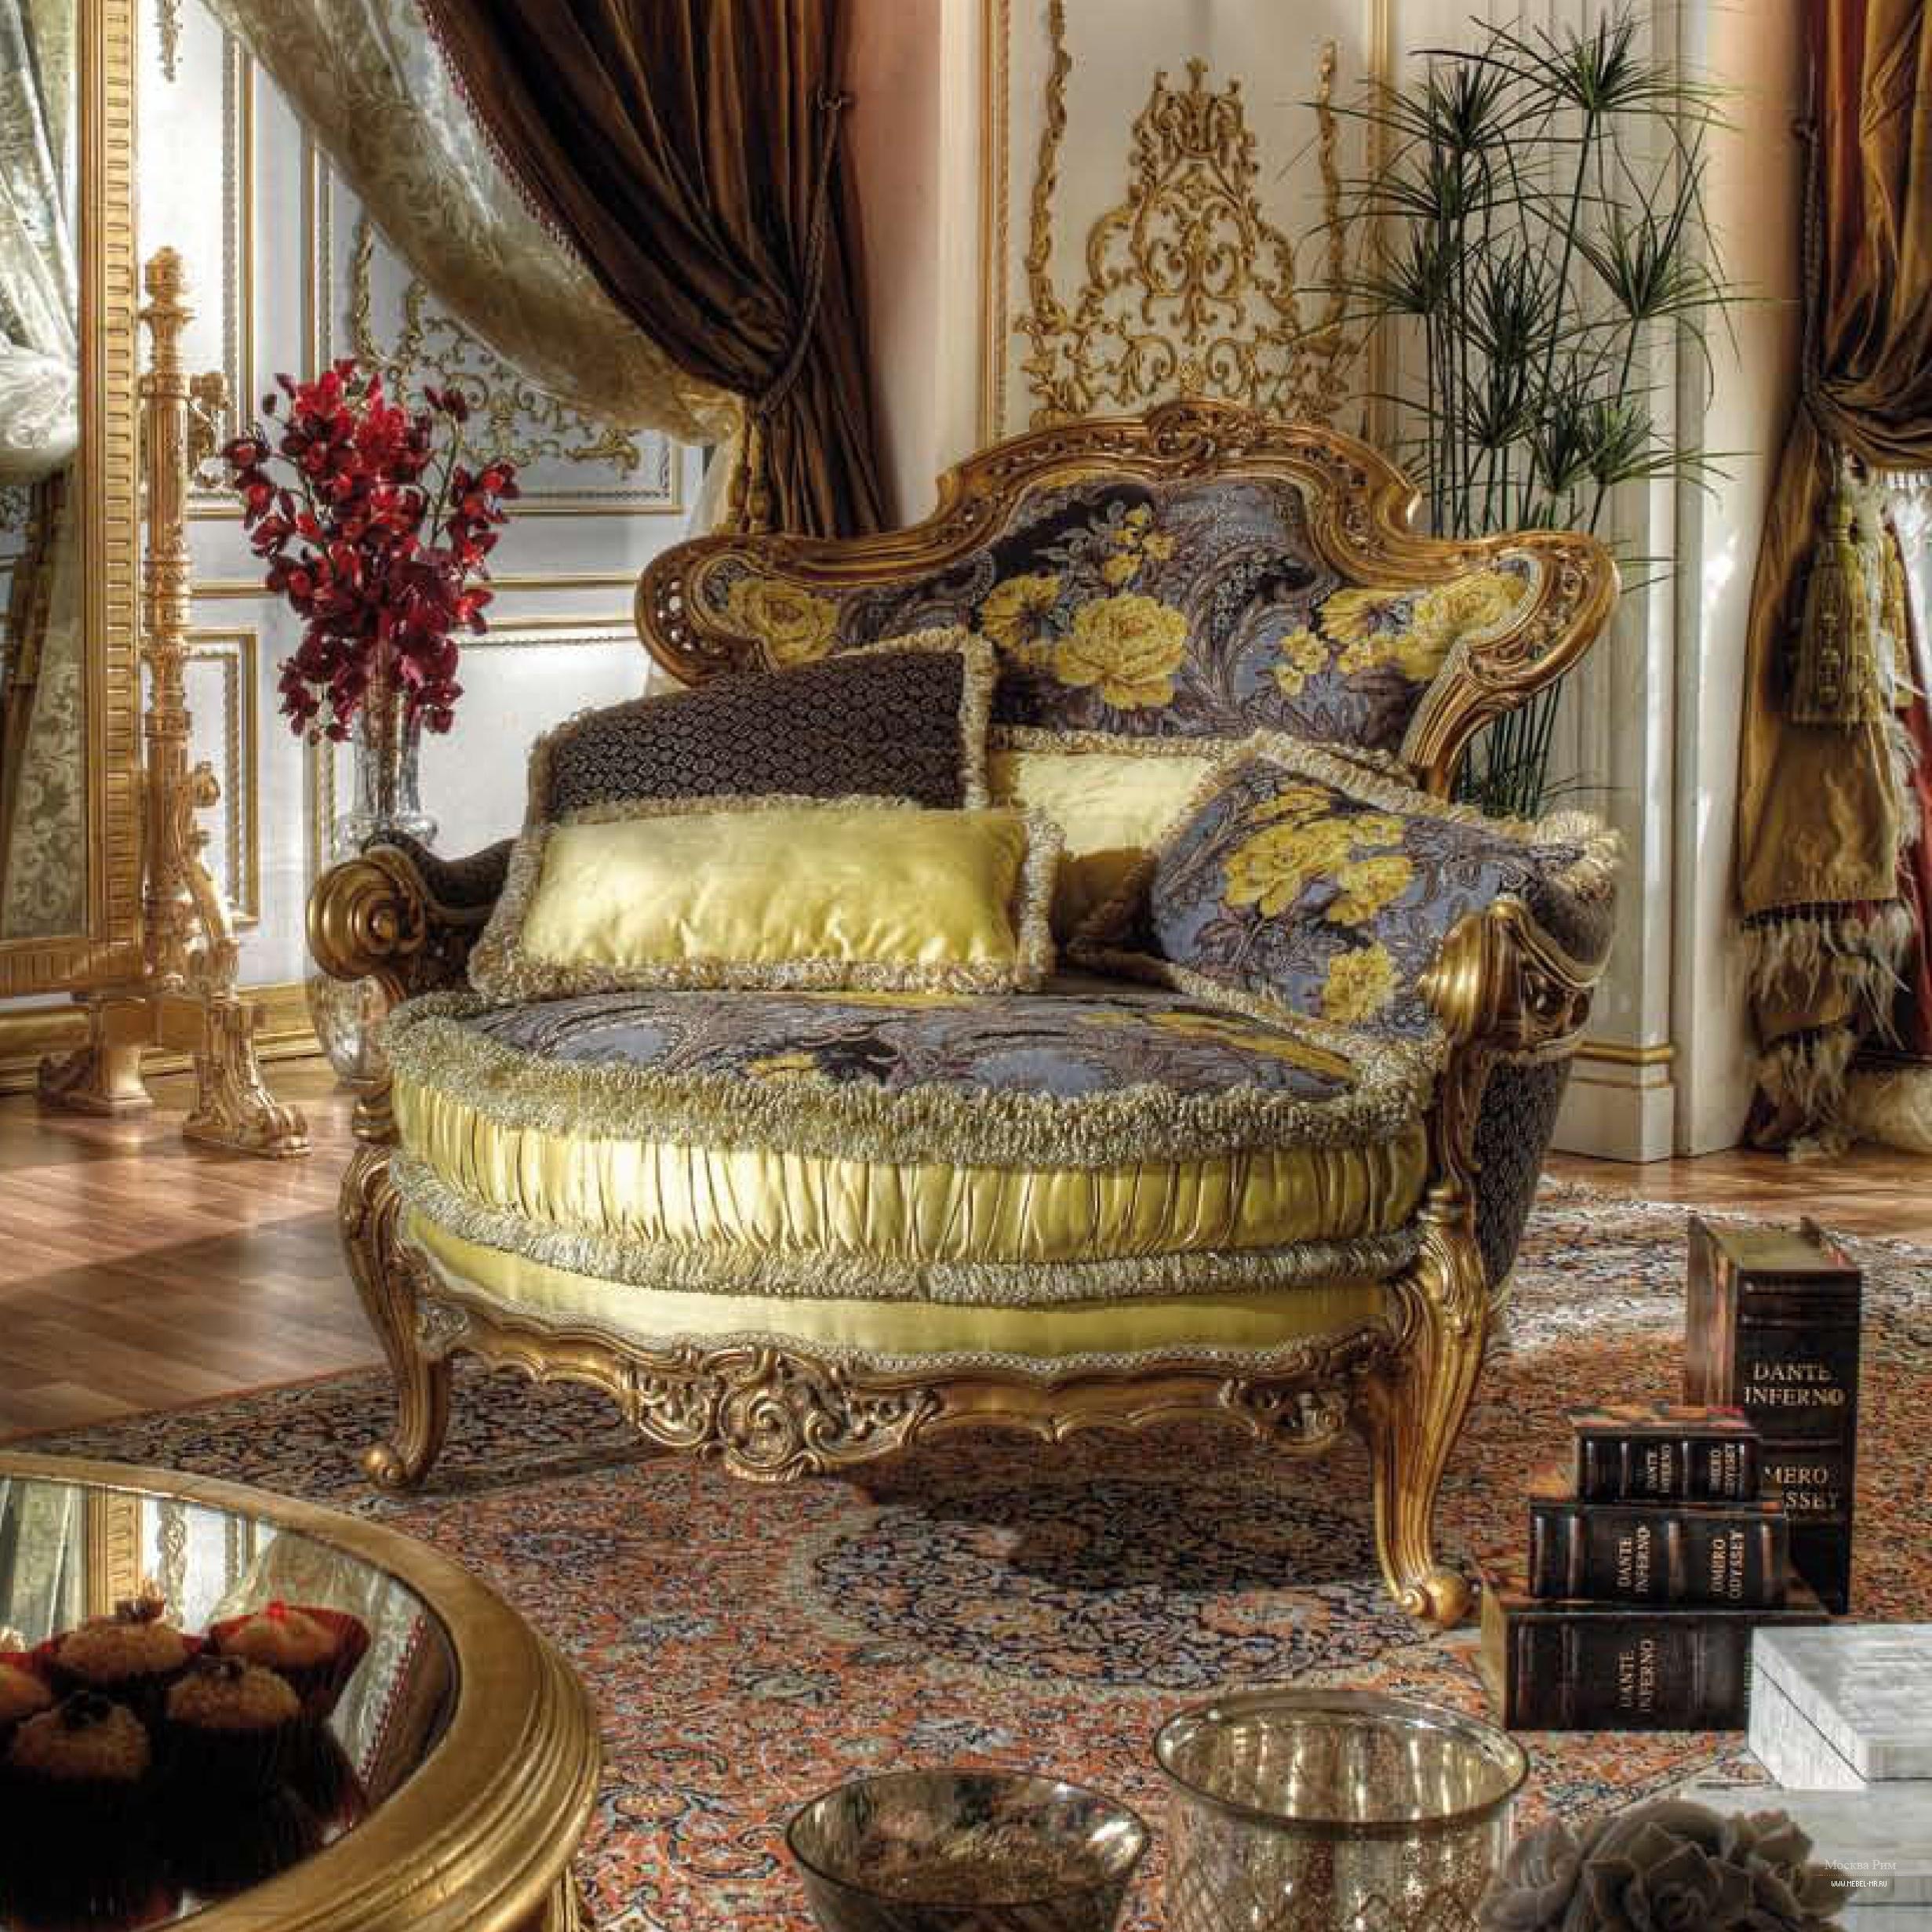 Декор на окнах и дверях имеет позолоту, а изысканная лепка украшает стены и потолки